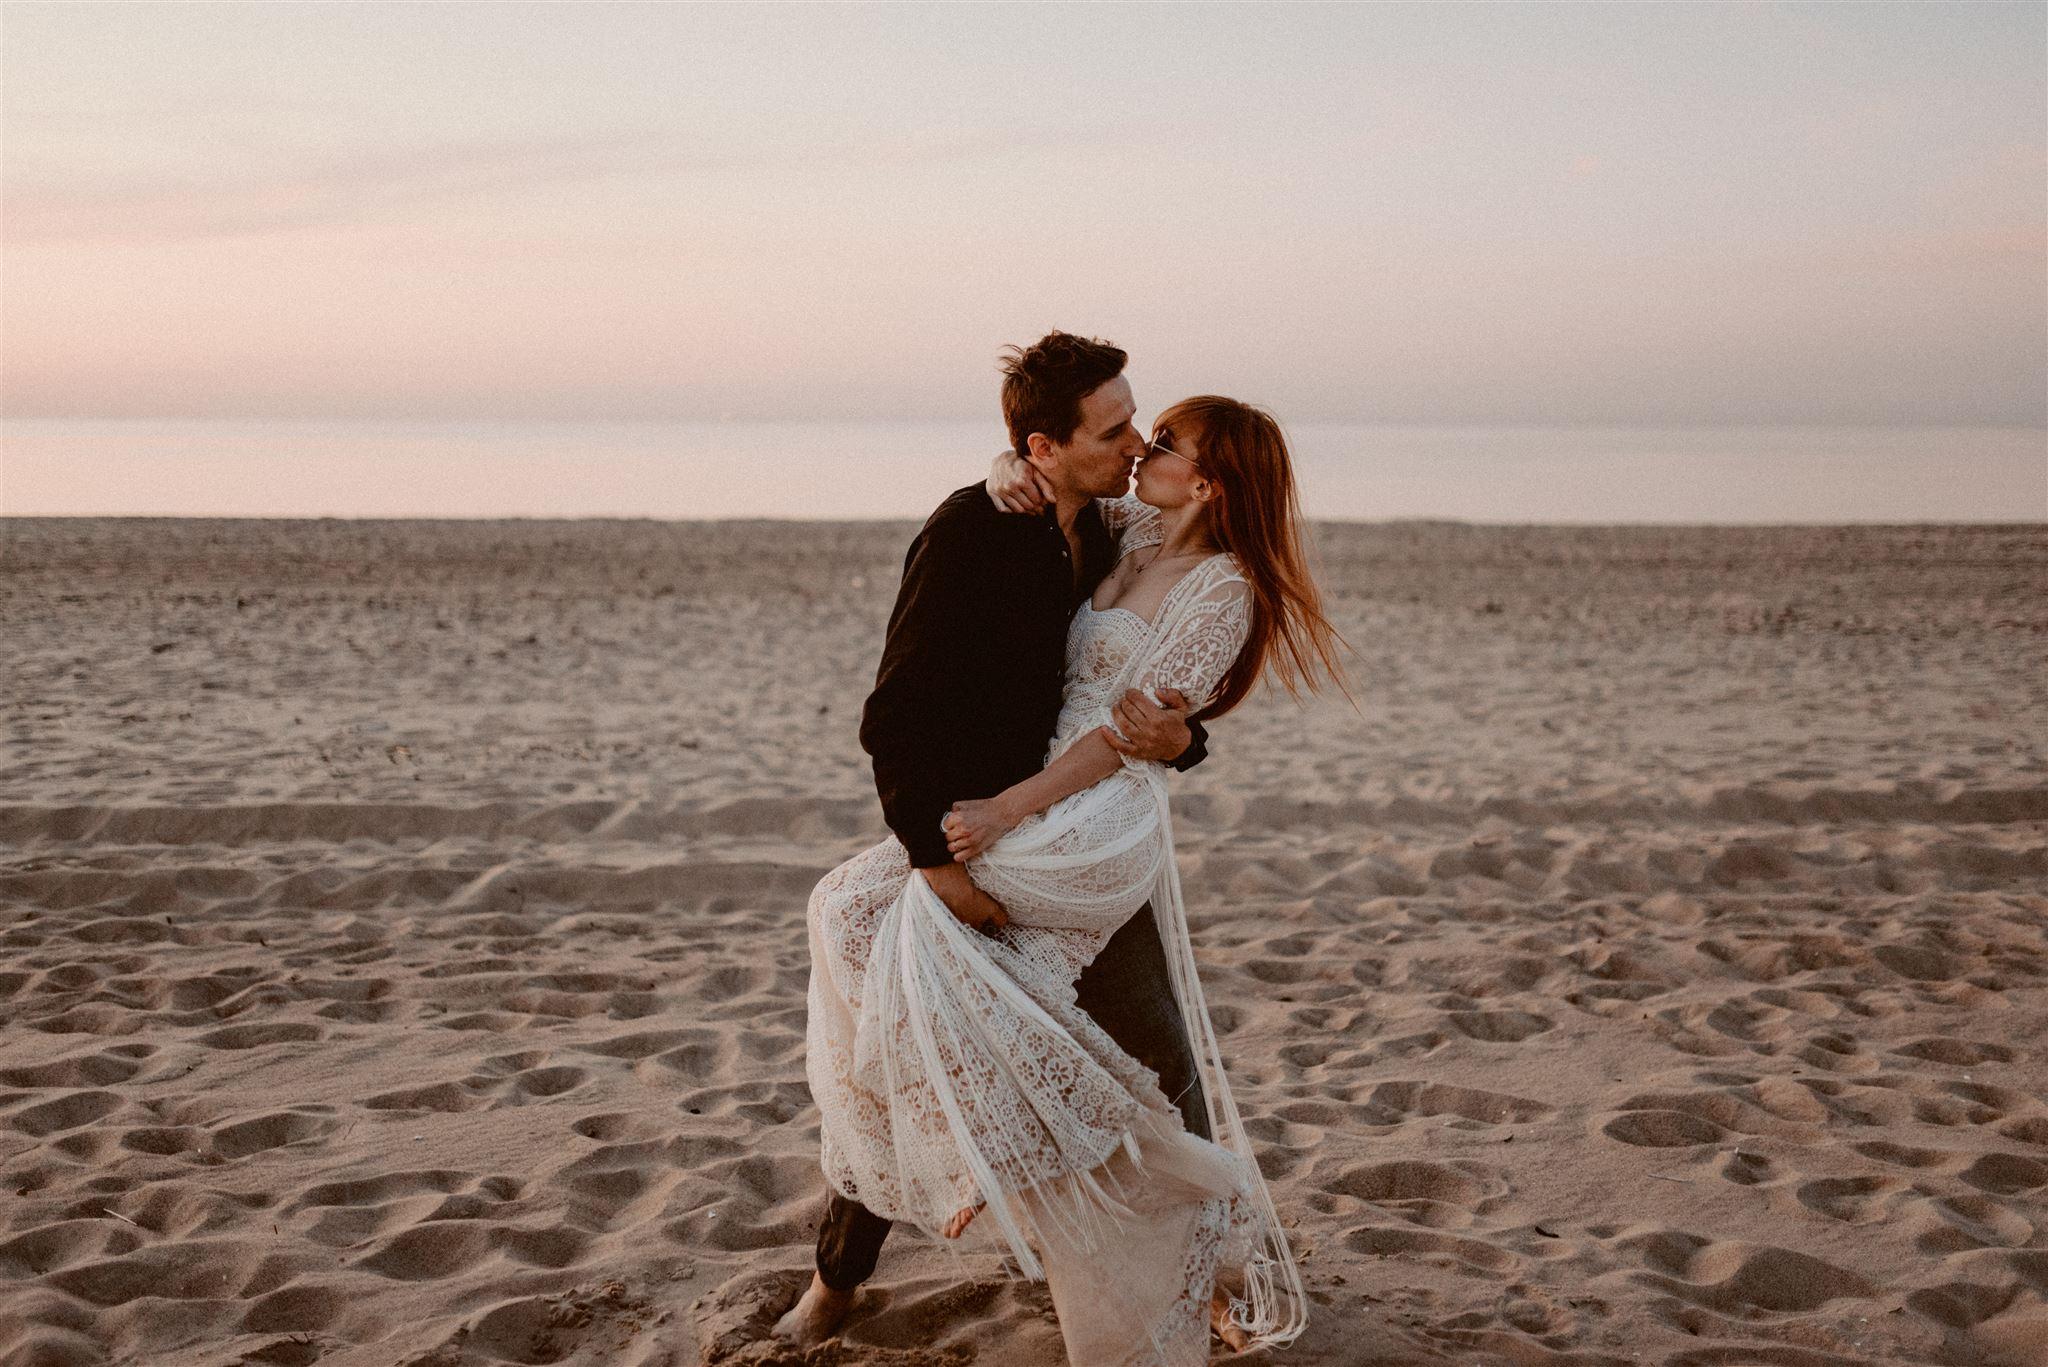 Nasza osobista sesja poślubna! 20 DSC 7325 websize